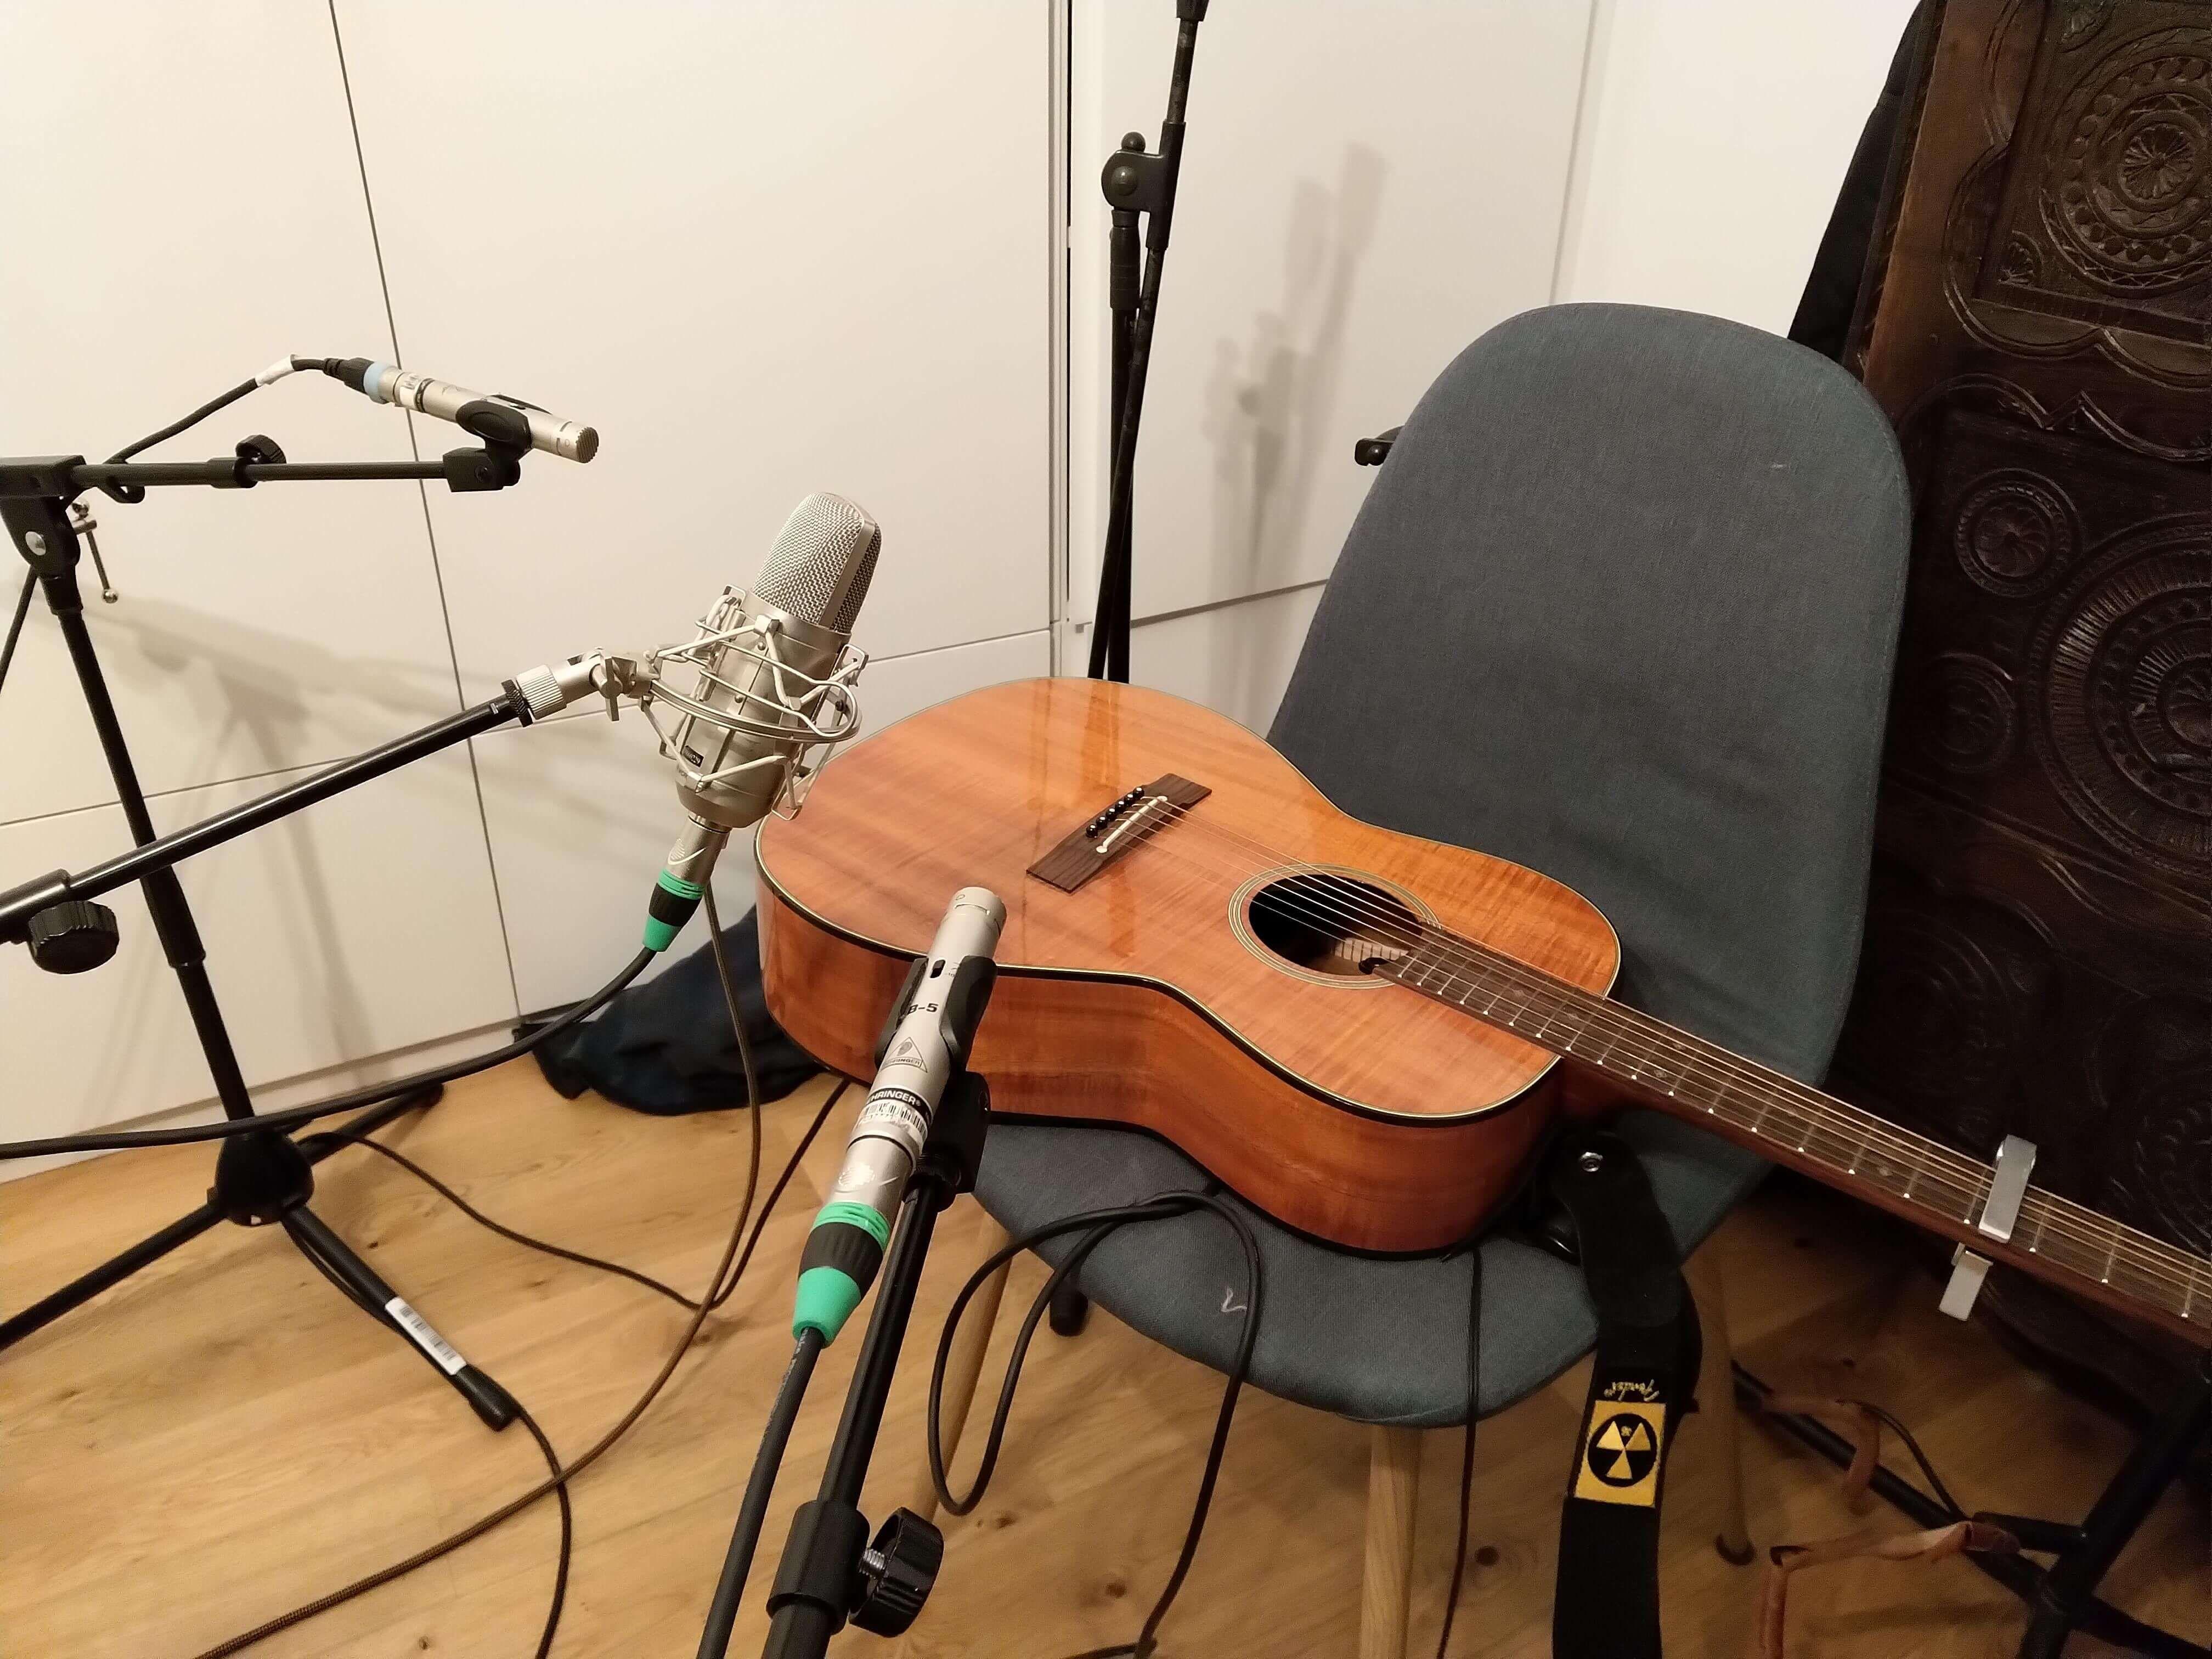 Quel Microphone Choisir Pour Instrument De Musique Instrument De Musique Instruments Musique